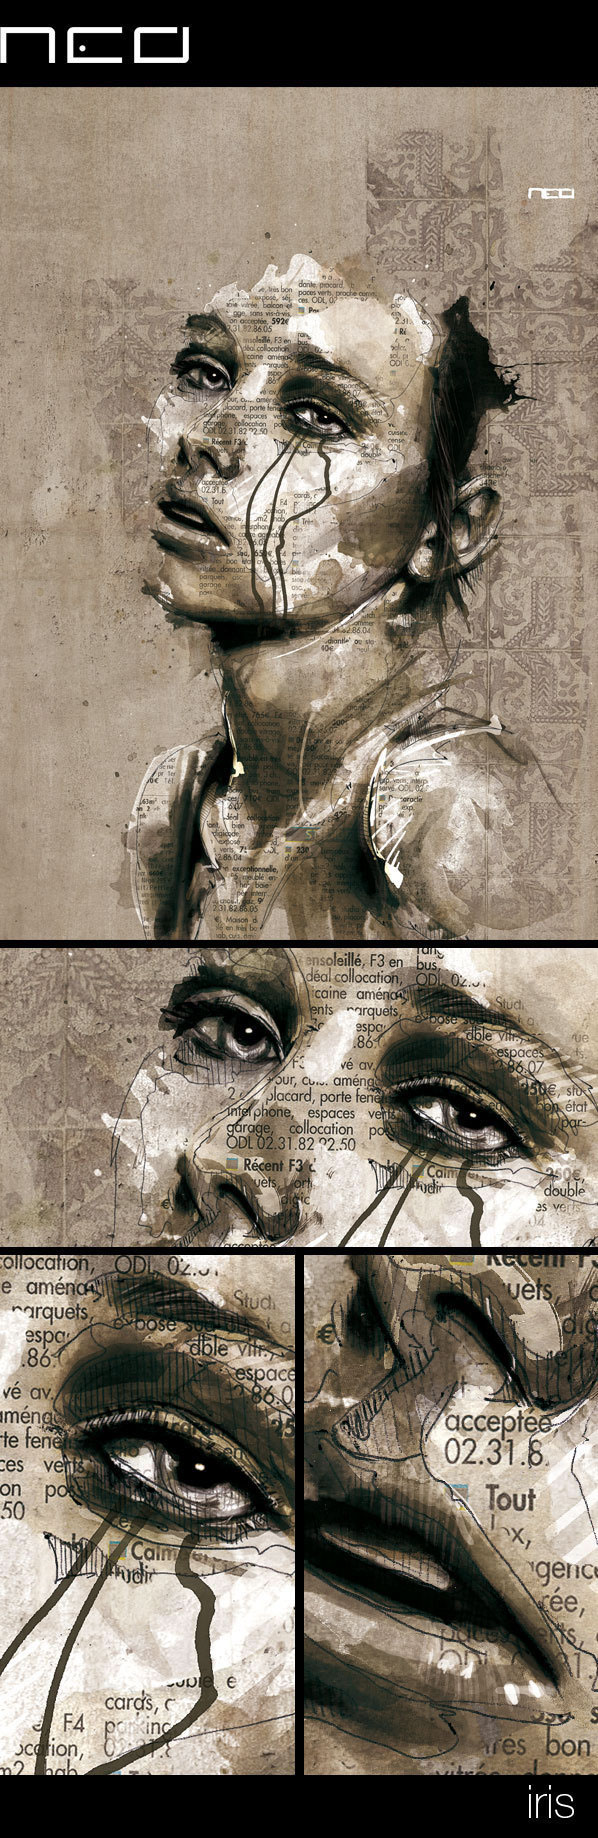 illustrierte Zeichnungsmalereidingse 9930ef3270040.5601a12832718